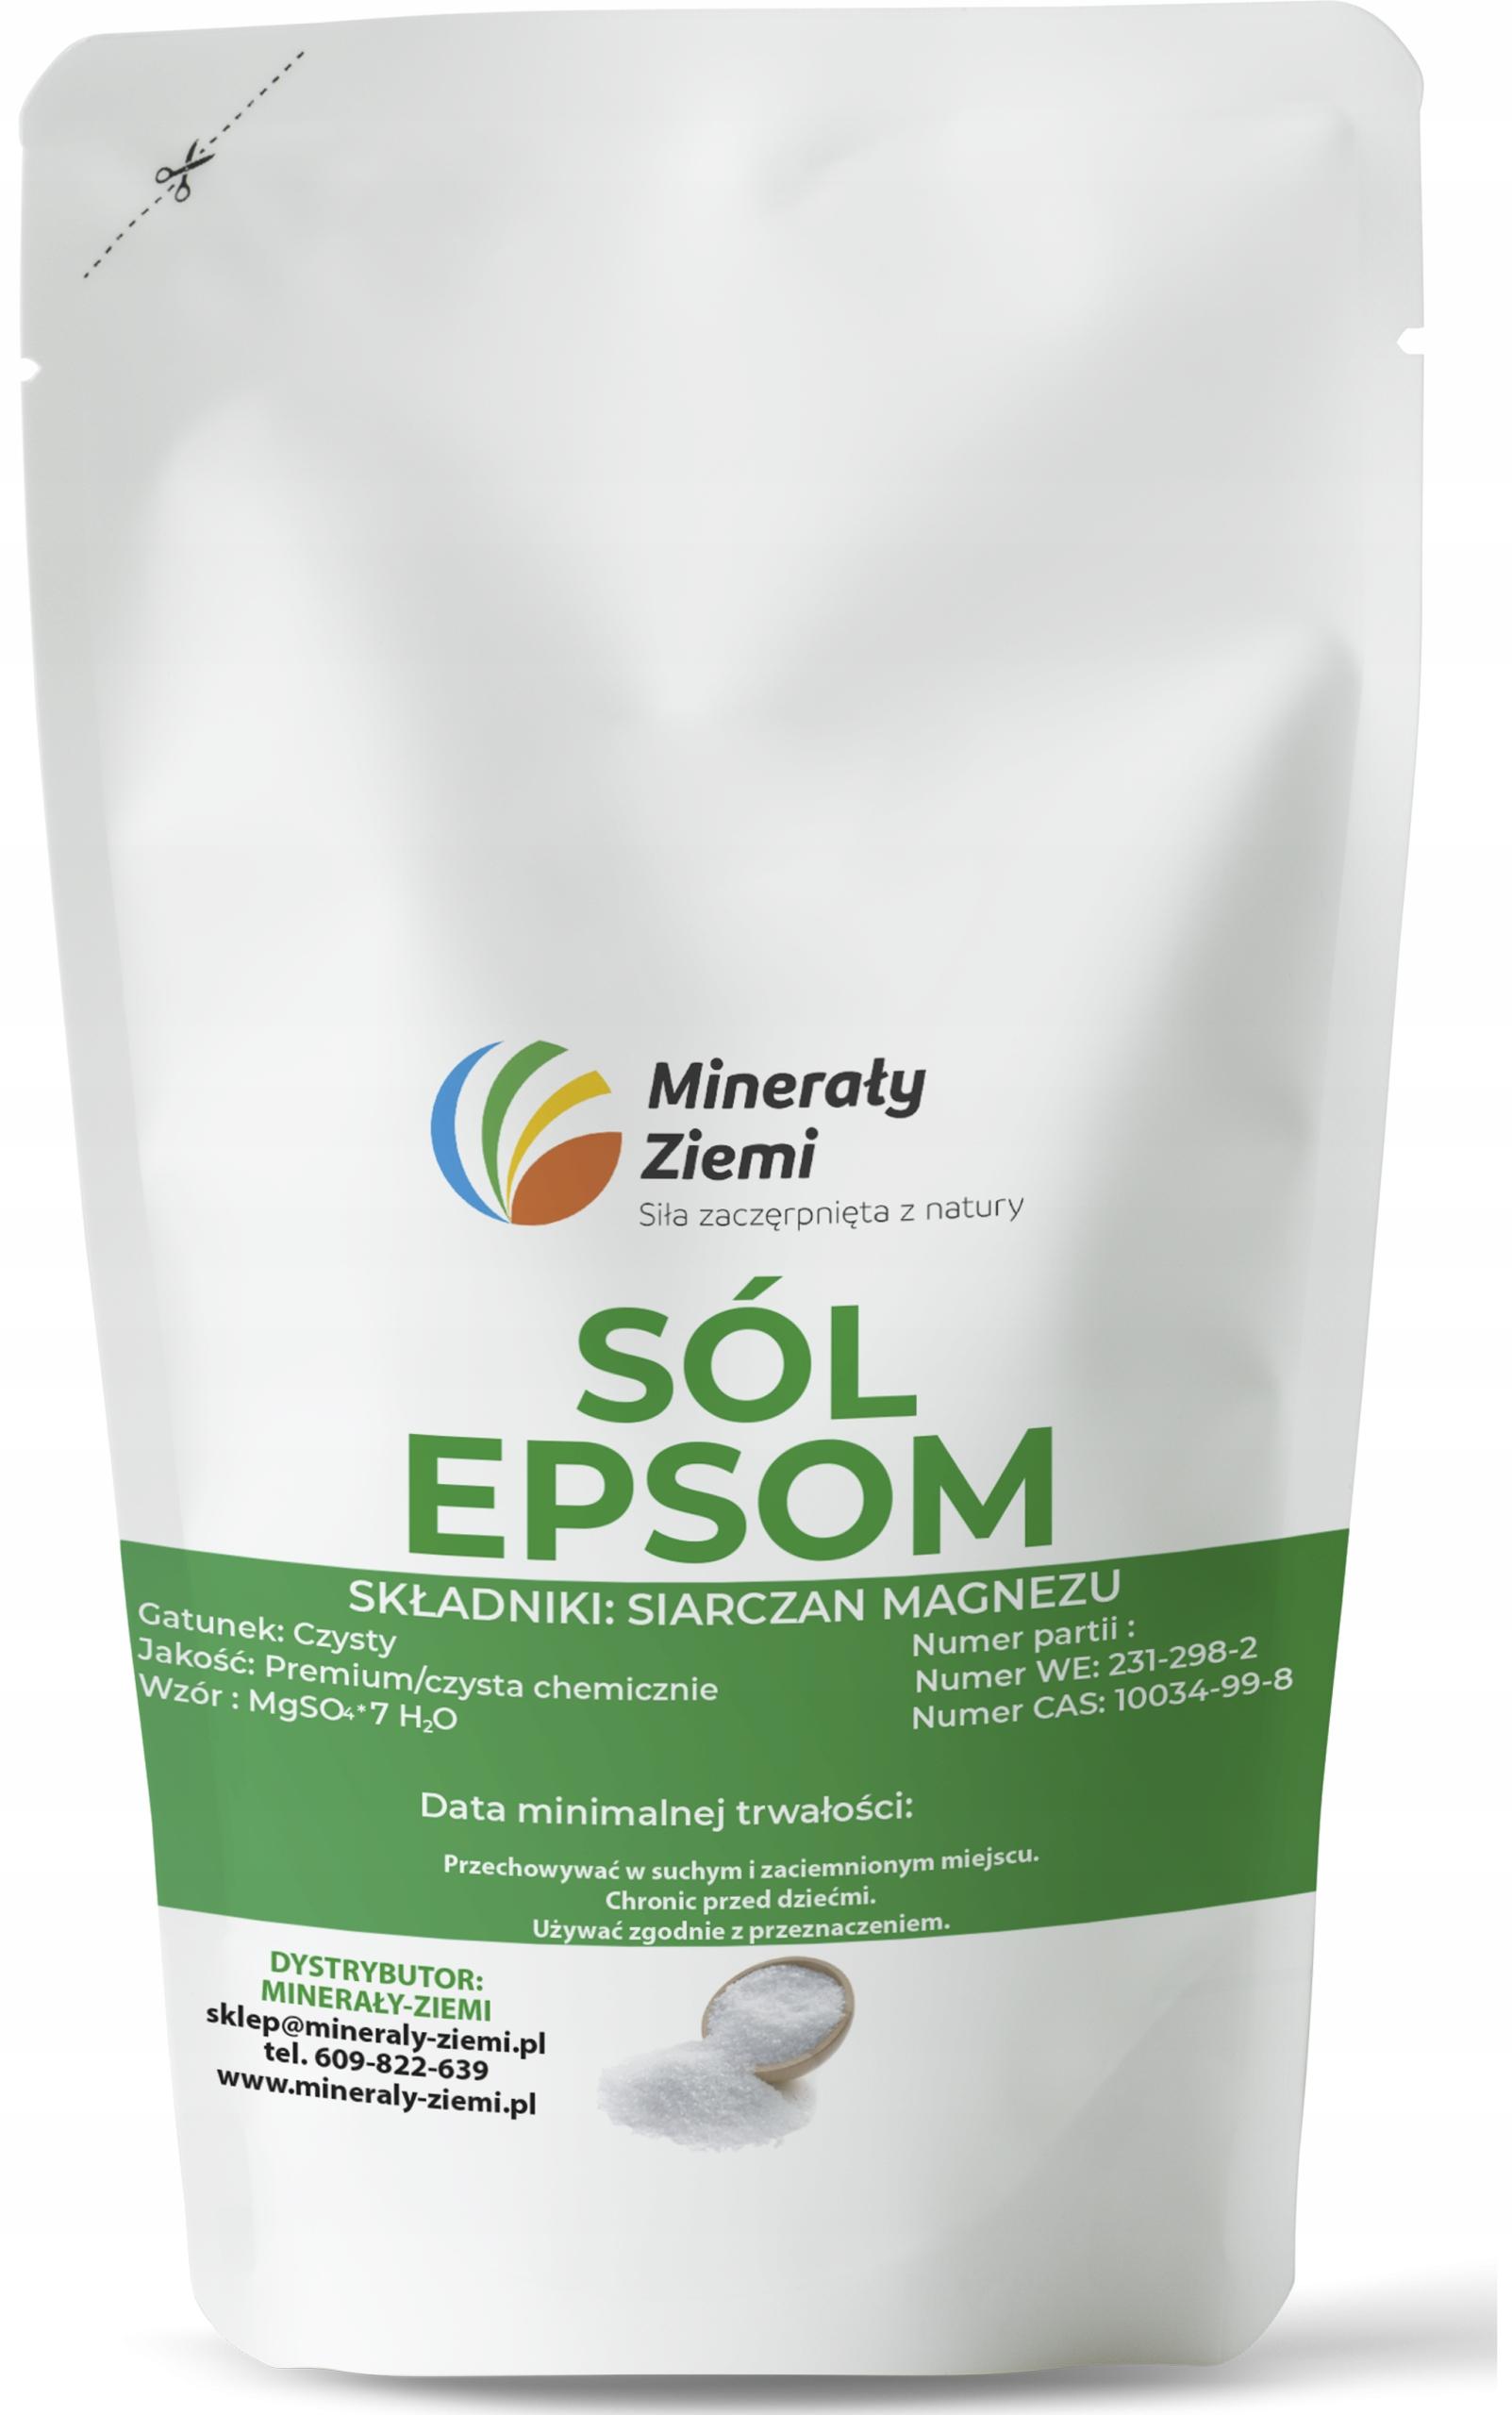 Horčíka síranová soľ EPSOM 1KG Super Kvalita